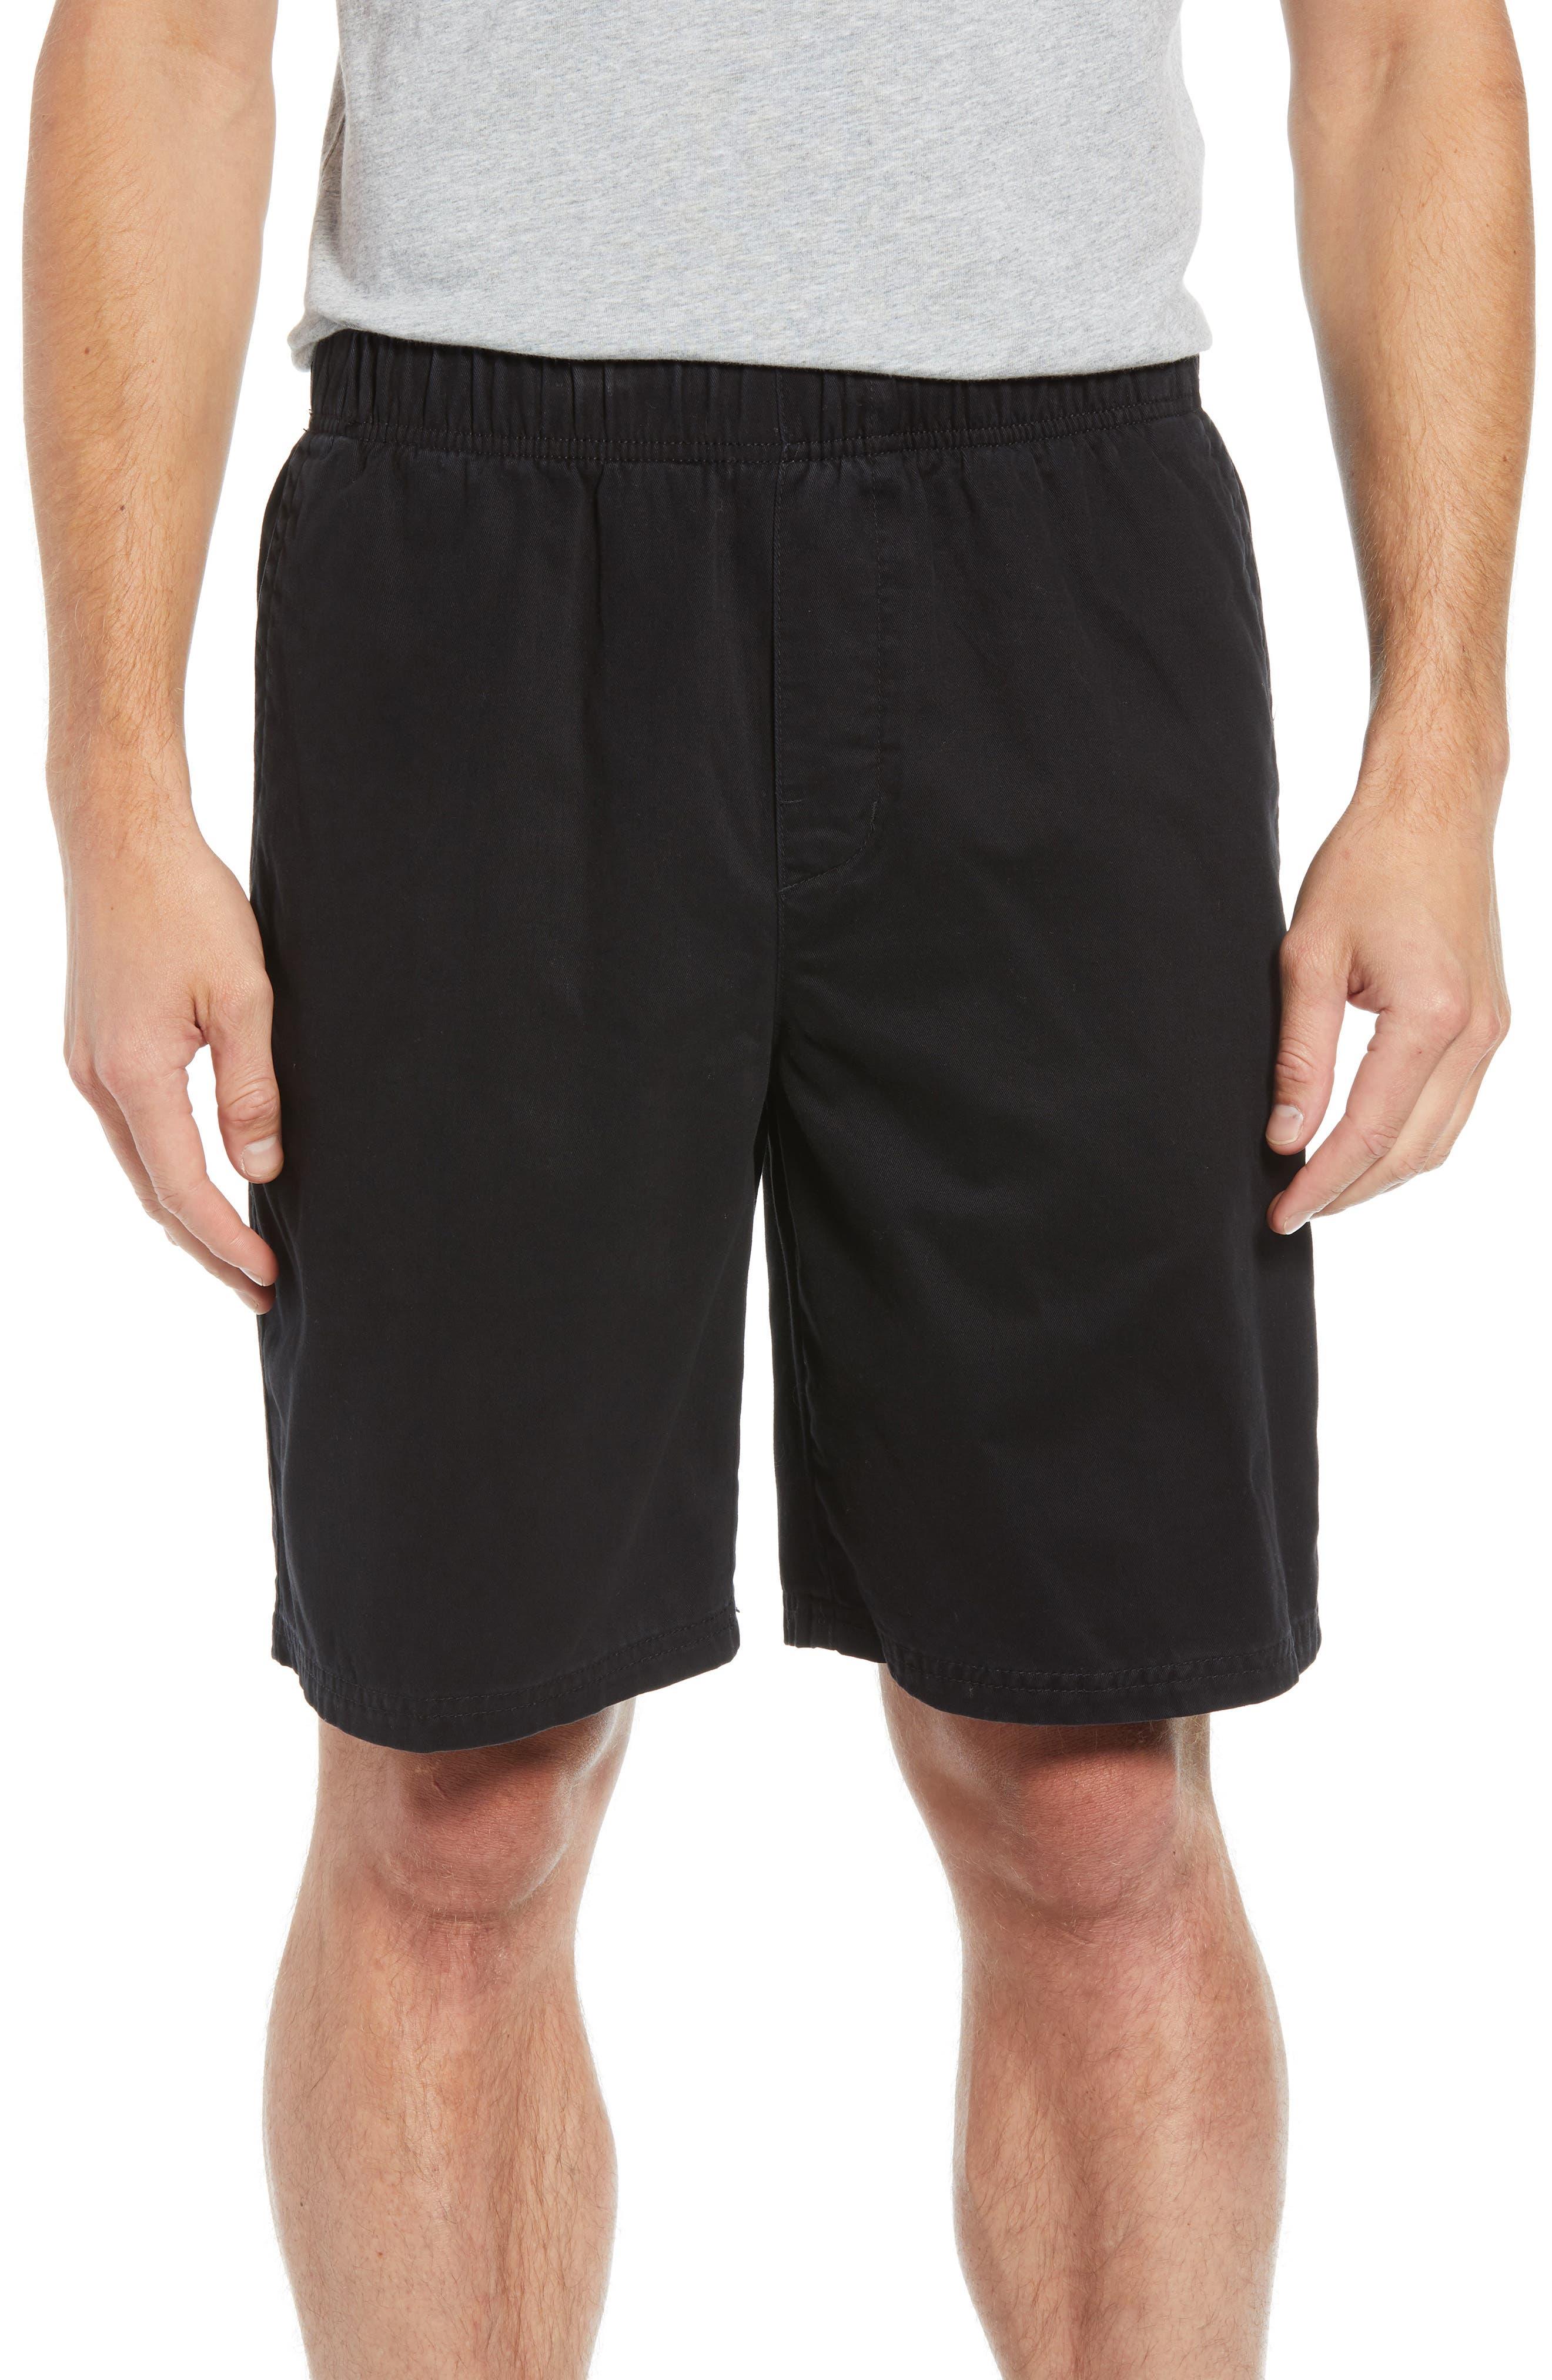 Cabo 5 Shorts,                             Main thumbnail 1, color,                             001